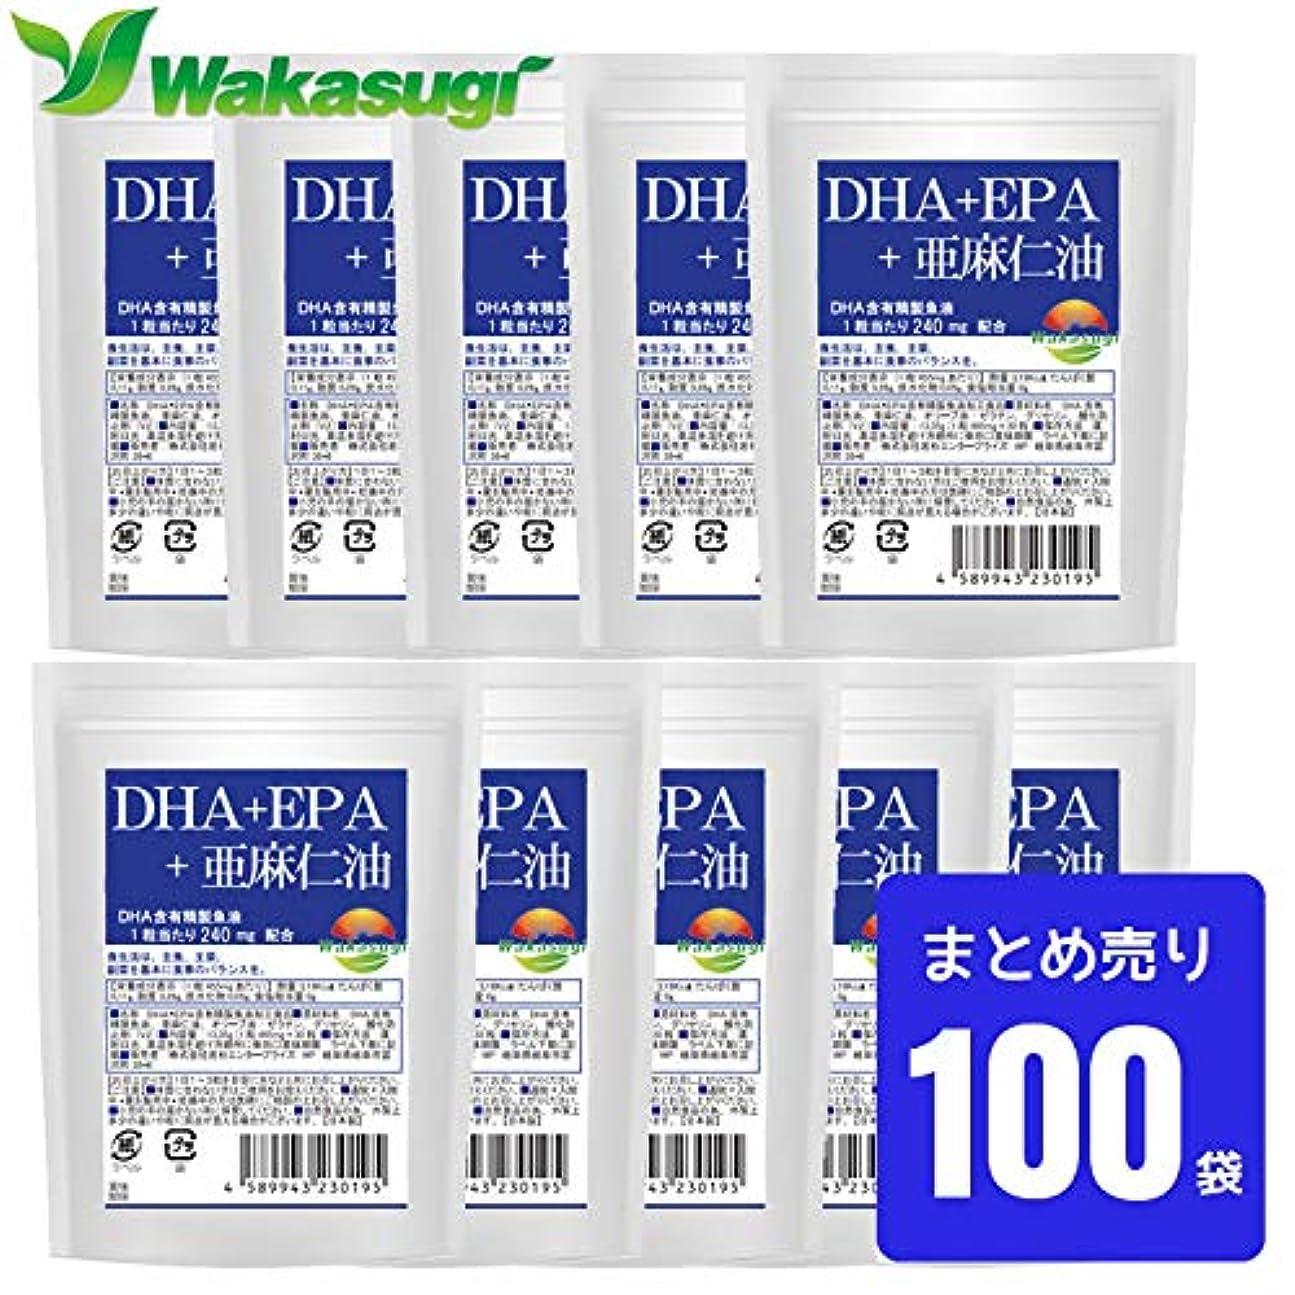 ペパーミントよろめく星DHA+EPA+亜麻仁油 ソフトカプセル30粒 100袋 合計3,000粒 まとめ売り